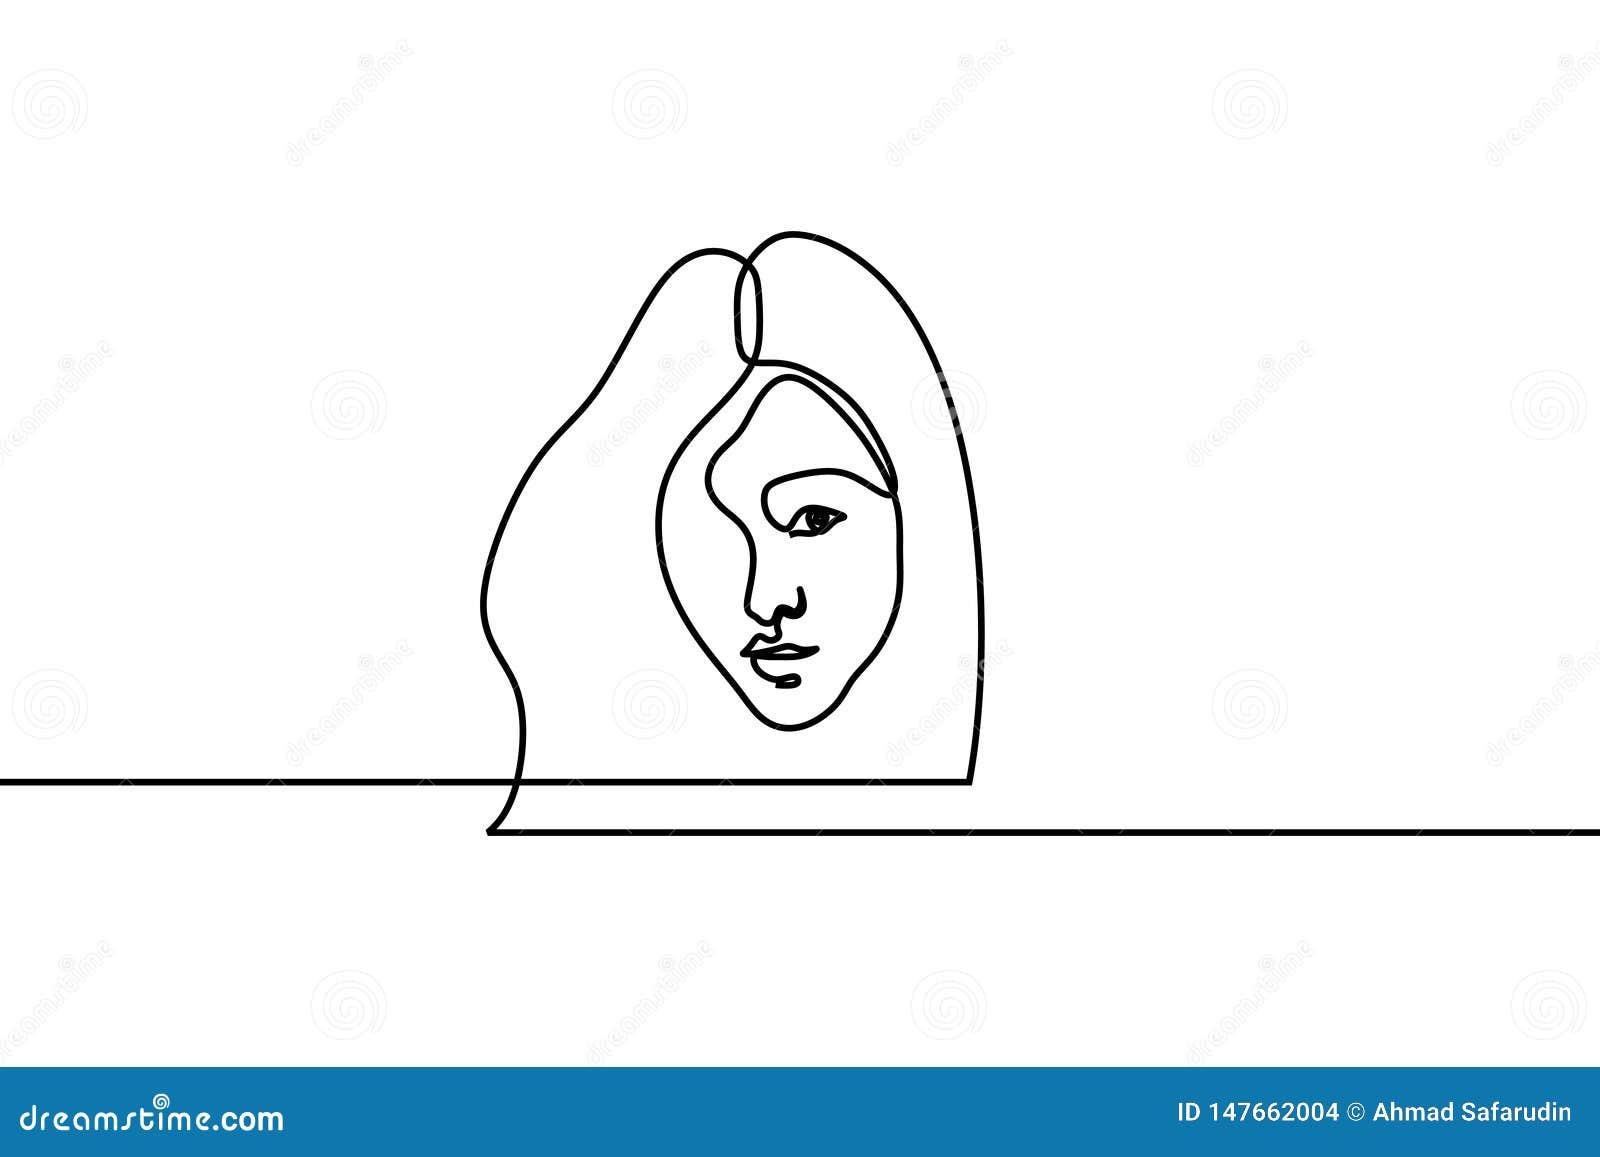 俏丽的女孩连续的一线描 在白色背景的传染媒介例证简单派妇女女性设计好为海报